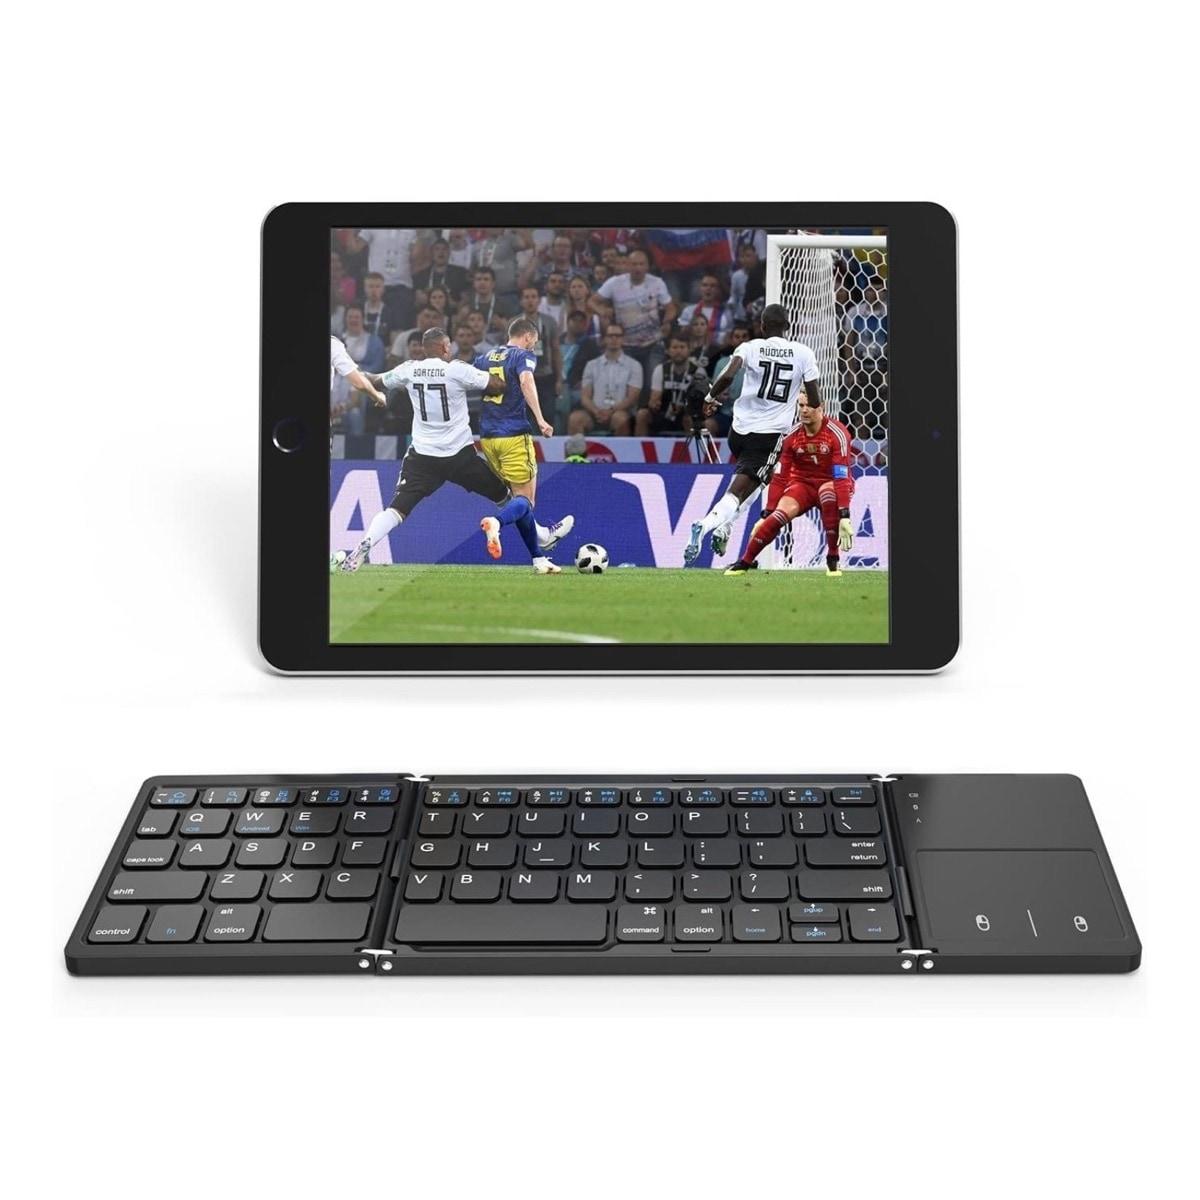 Amazon Fire HD 10 foldable keyboard touchpad